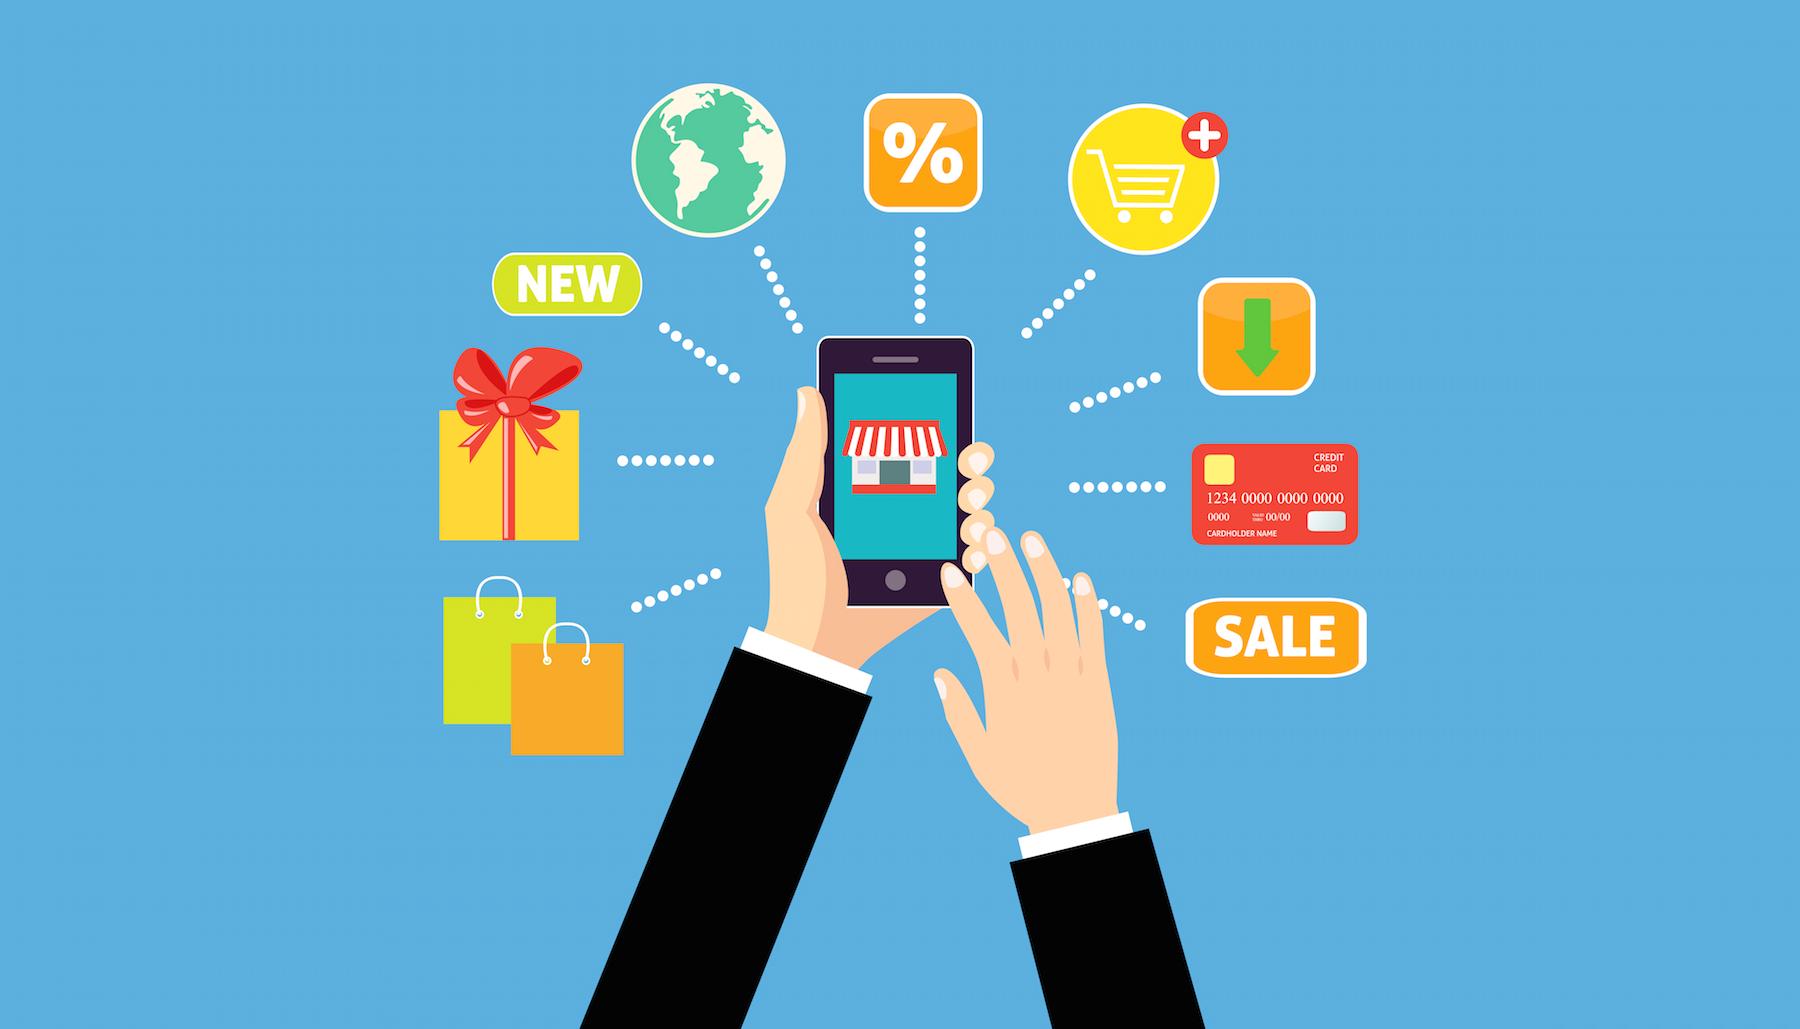 Kinh nghiệm kinh doanh online ít vốn